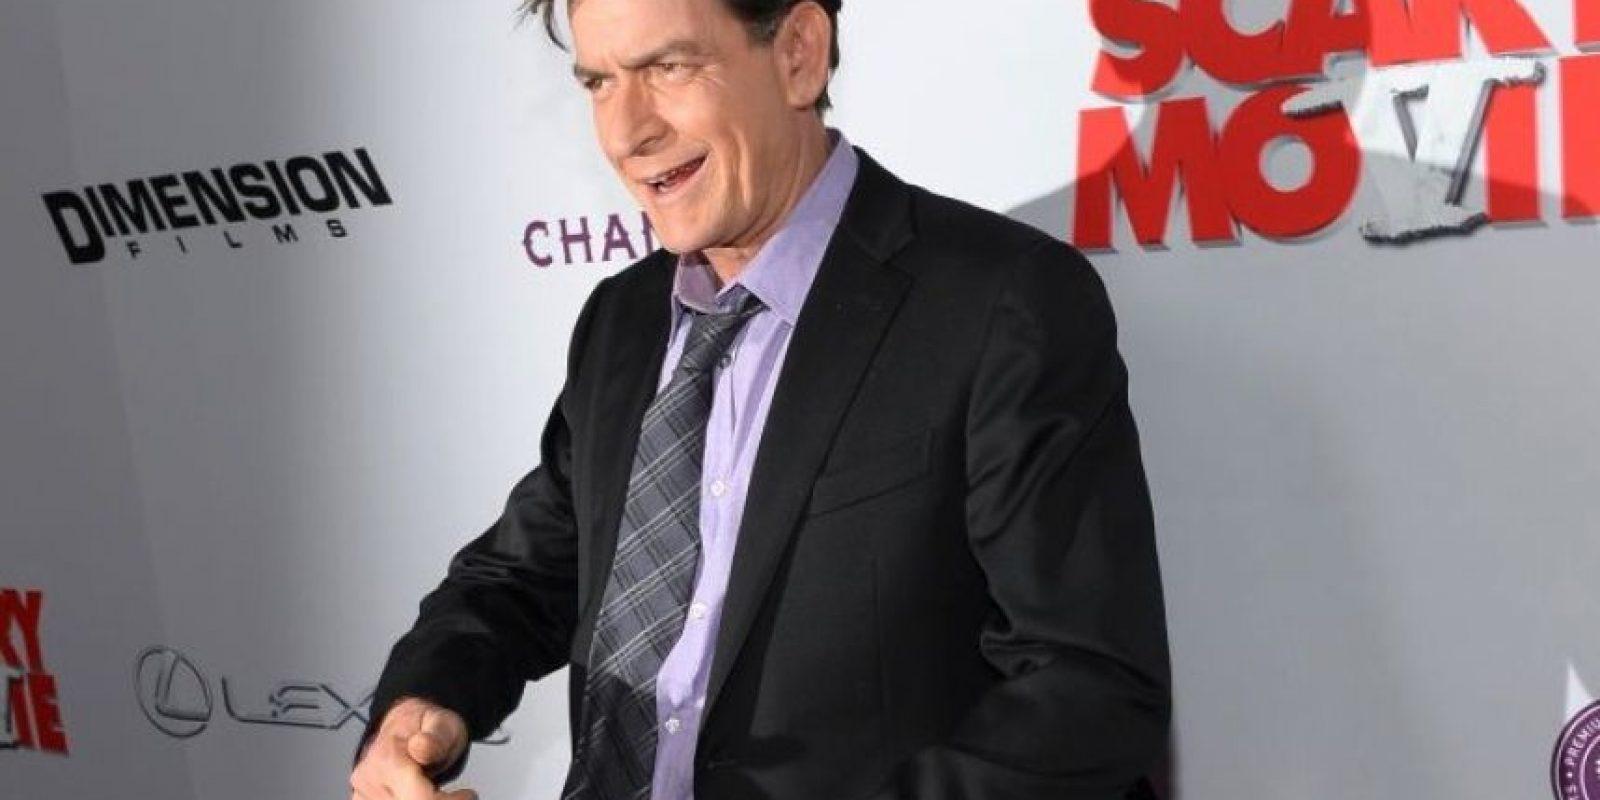 """Charlie Sheen. El actor comenzó llamando al magnate """"idiota"""", pero meses más tarde algo le pasó por la cabeza para decir que estaba con él de corazón Foto:Getty Images"""